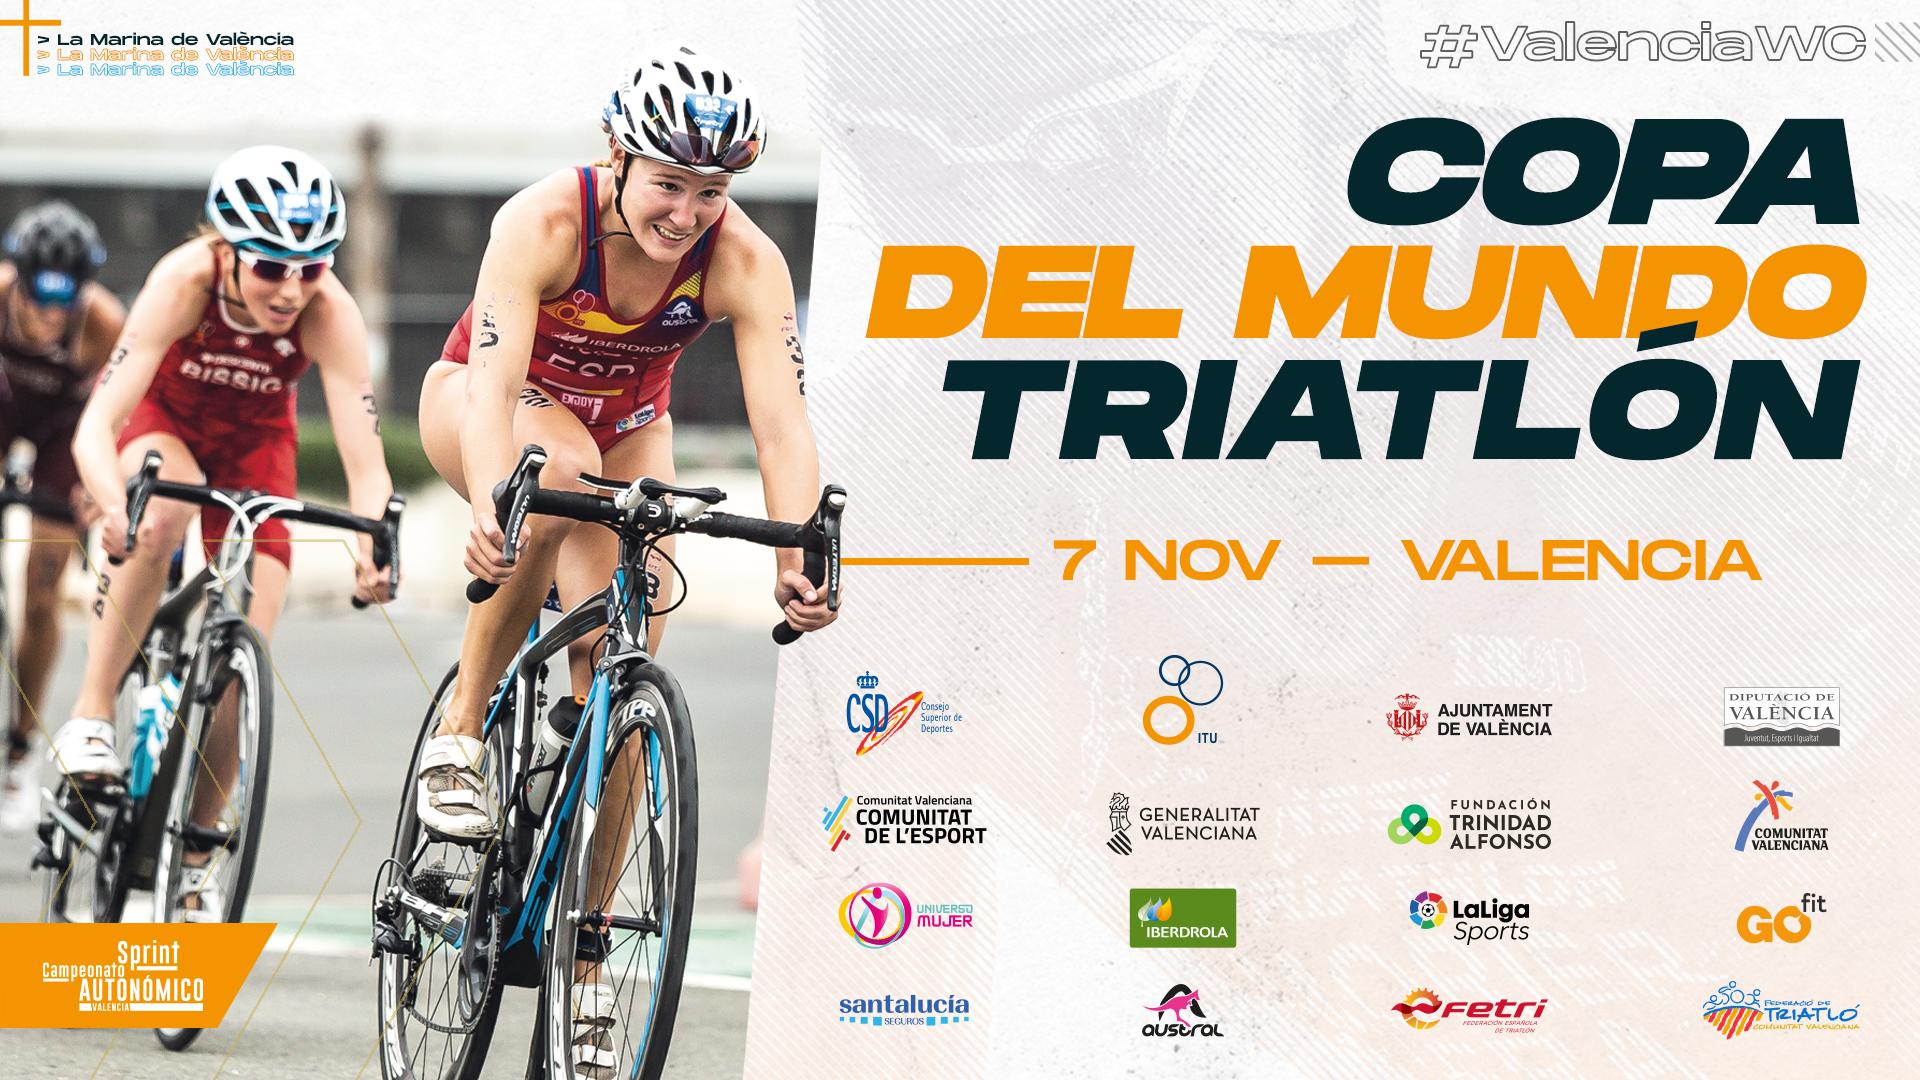 Valencia acogerá el 7 de noviembre la última prueba de la Copa del Mundo de Triatlón en 2020